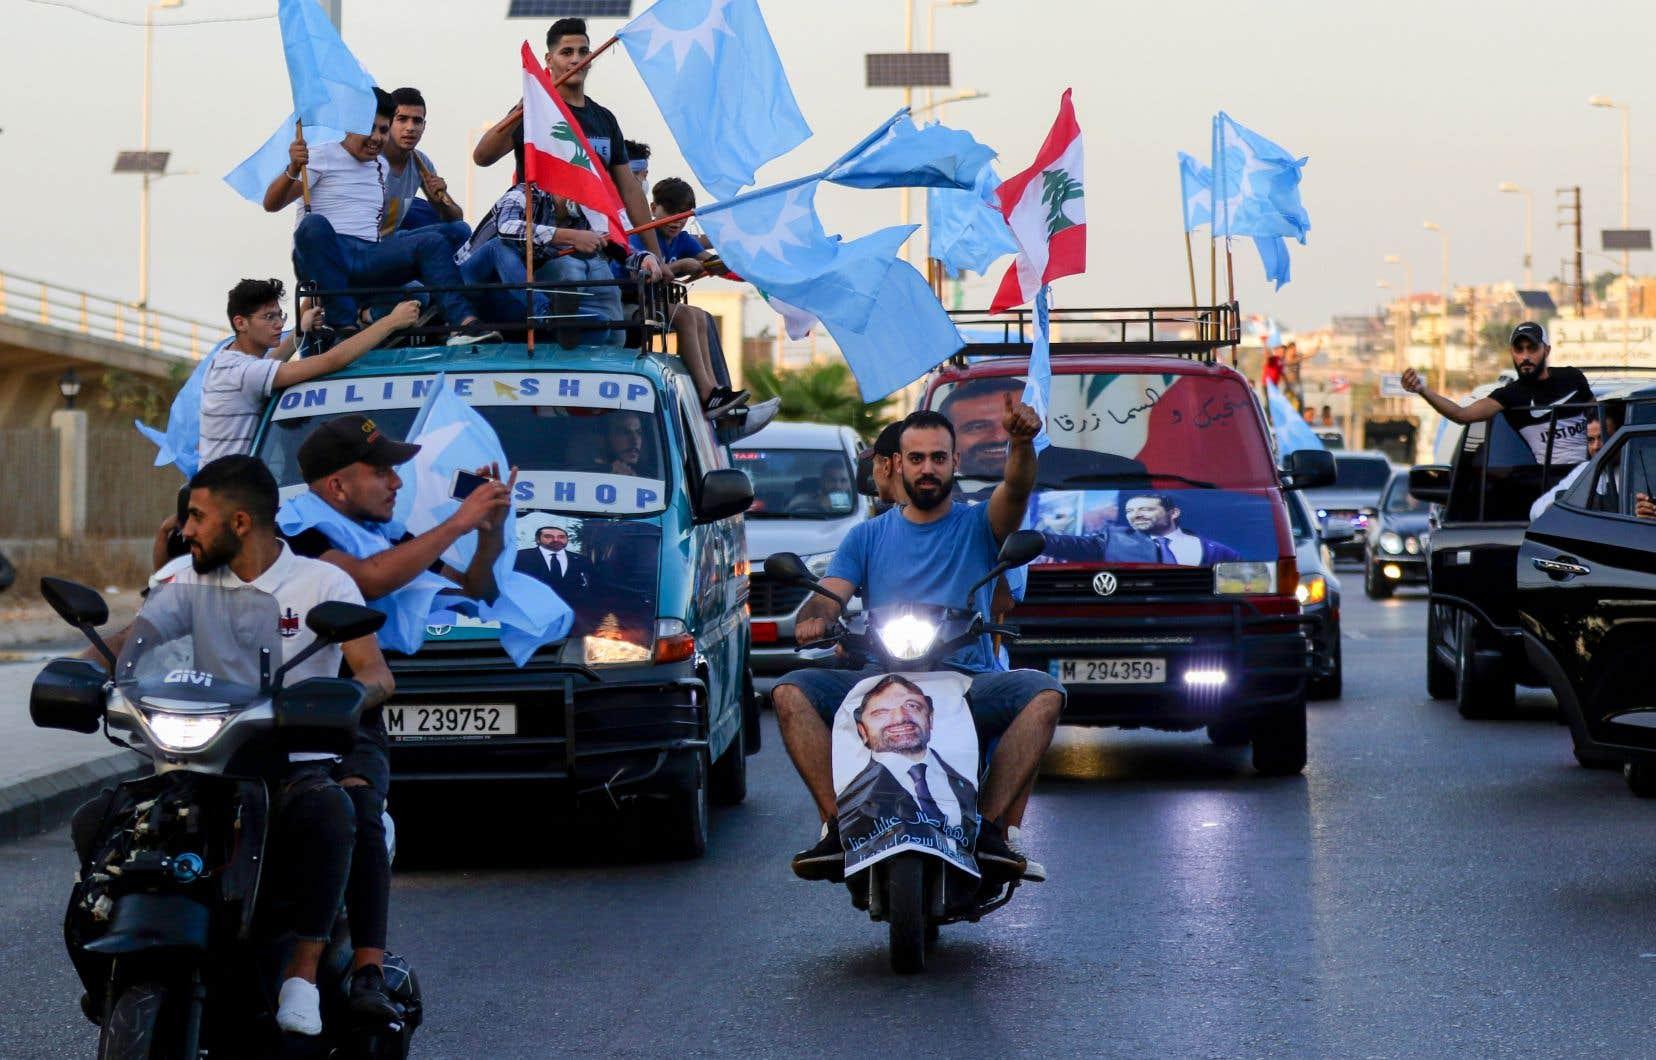 Des partisans de Saad Hariri agitent le drapeau de son parti et le drapeau national libanais lors d'un défilé pour célébrer sa mission de former un nouveau gouvernement.